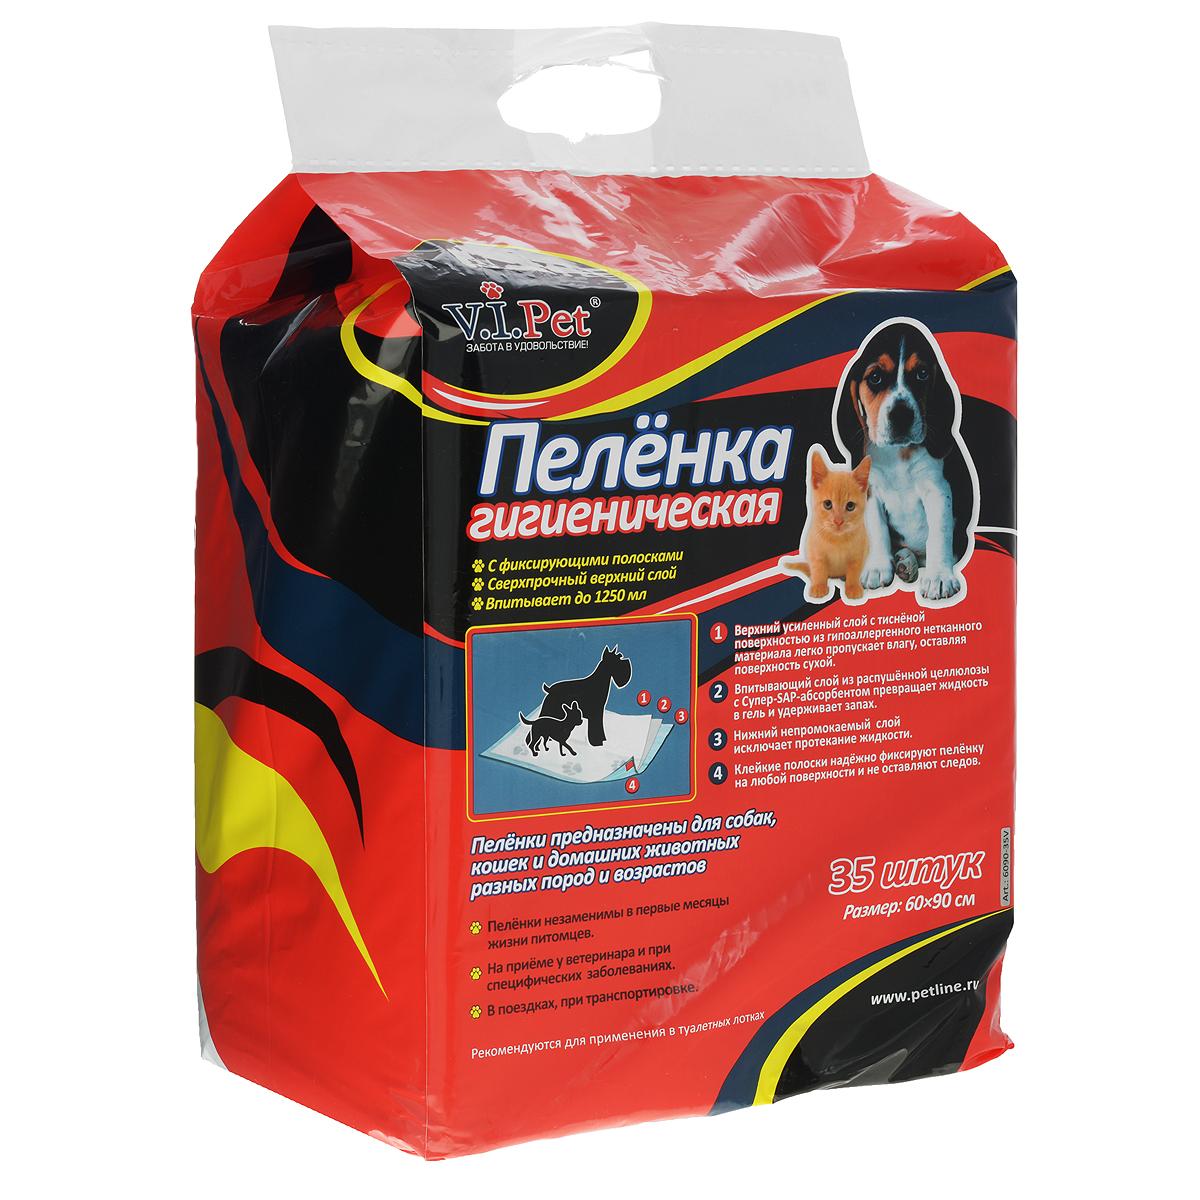 Пеленки для домашних животных V.I.Pet, гигиенические, 60 см х 90 см, 35 шт6090-35VВпитывающие гигиенические пеленки V.I.Pet предназначены для собак, кошек и других домашних животных разных пород и возрастов. Пеленки имеют 3 слоя: - верхний усиленный слой с тисненой поверхностью из гипоаллергенного нетканного материала легко пропускает влагу, оставляя поверхность сухой; - впитывающий слой из распушенной целлюлозы с Супер-SAP-абсорбентом превращает жидкость в гель и удерживает запах; - нижний непромокаемый слой исключает протекание жидкости; Клейкие полоски надежно фиксируют пеленку на любой поверхности и не оставляют следов. Пеленки незаменимы в первые месяцы жизни щенков, при специфических заболеваниях, поездках, выставках и на приеме у ветеринара. Подходят для туалетных лотков. Благодаря оригинальной 3-х слойной компановке, пеленки прекрасно удерживают влагу. Сохраняют форму, поглощая до 1250 мл жидкости. Сверхпрочный верхний слой устойчив к повреждениям и острым когтям. Пеленки обеспечивают...